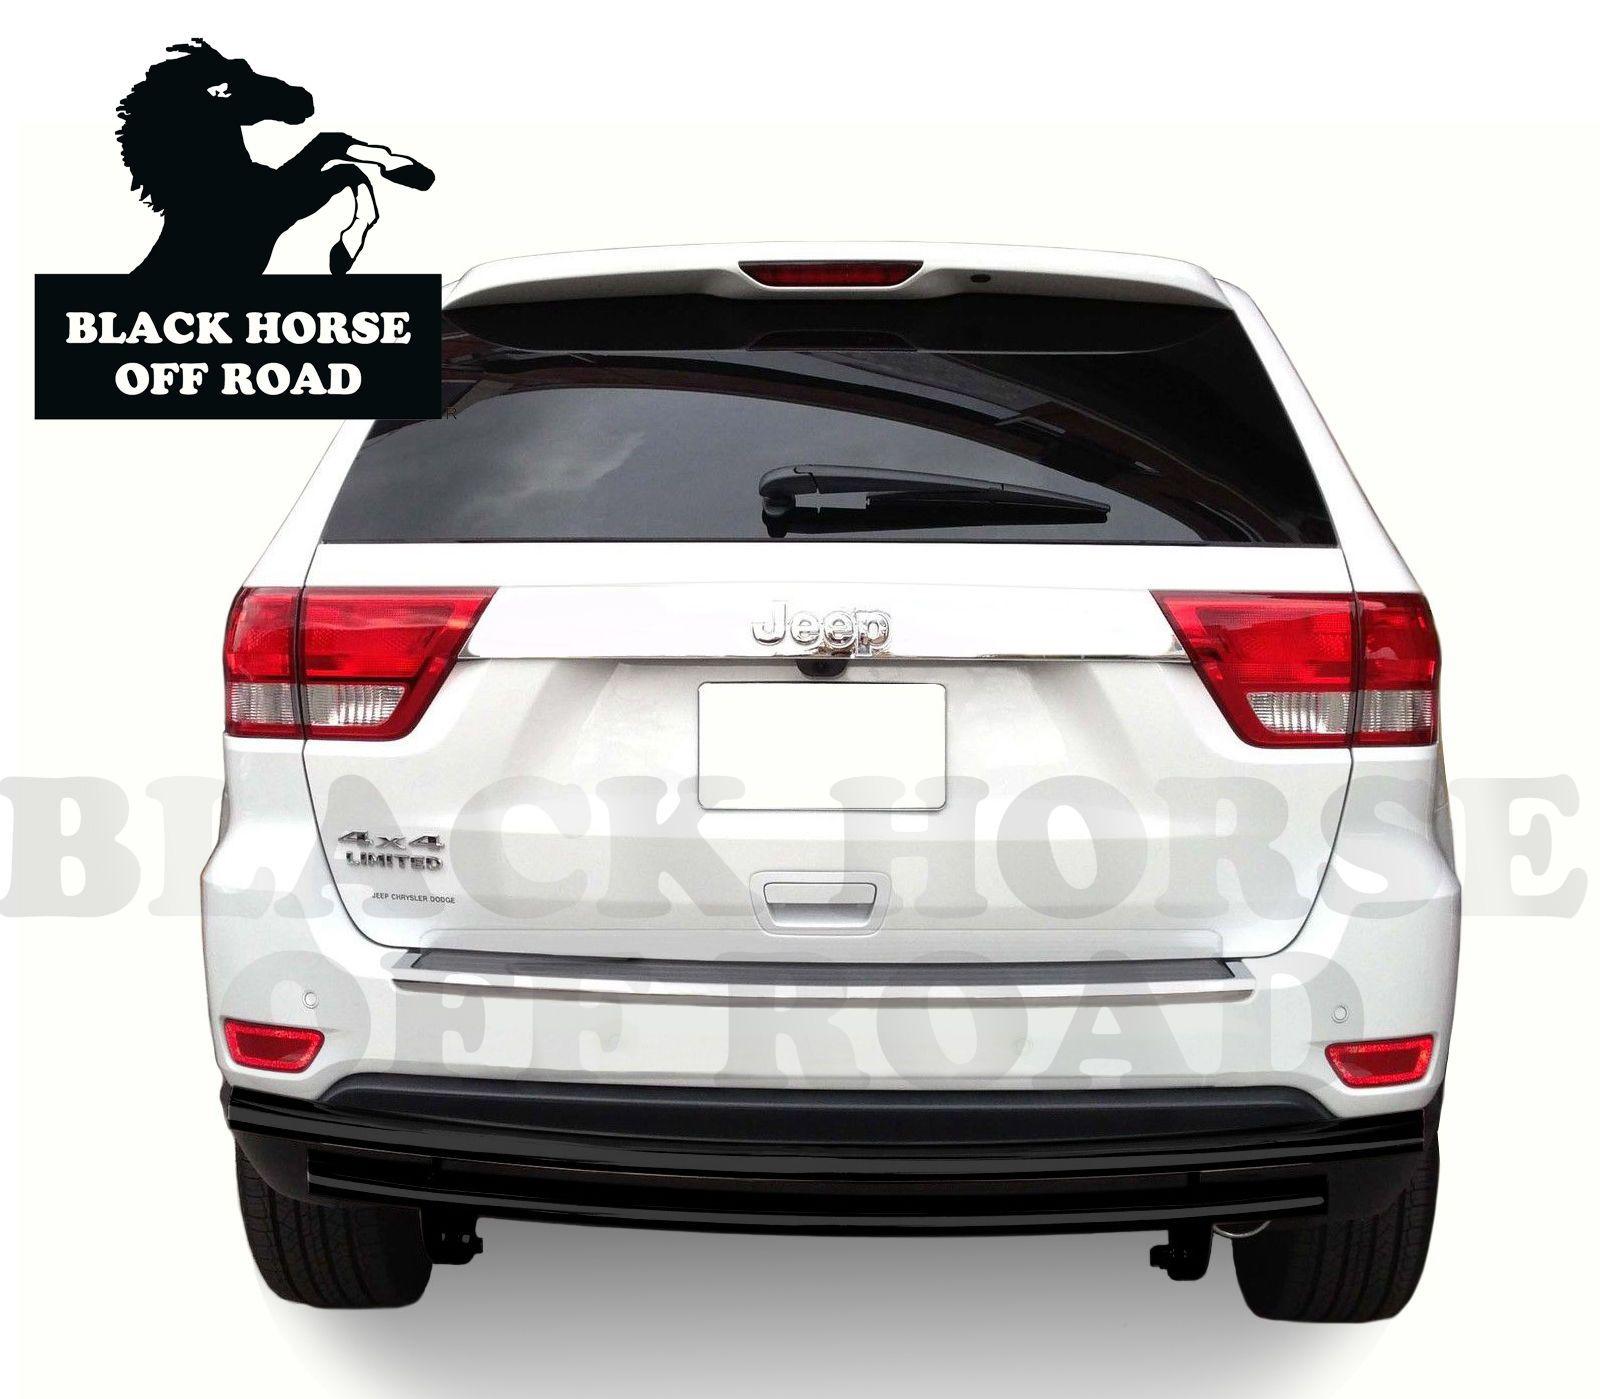 Black Horse 2017 Honda Crv Rear Per Guard Double Layers In Ebay Motors Parts Accessories Car Truck Exterior Pers